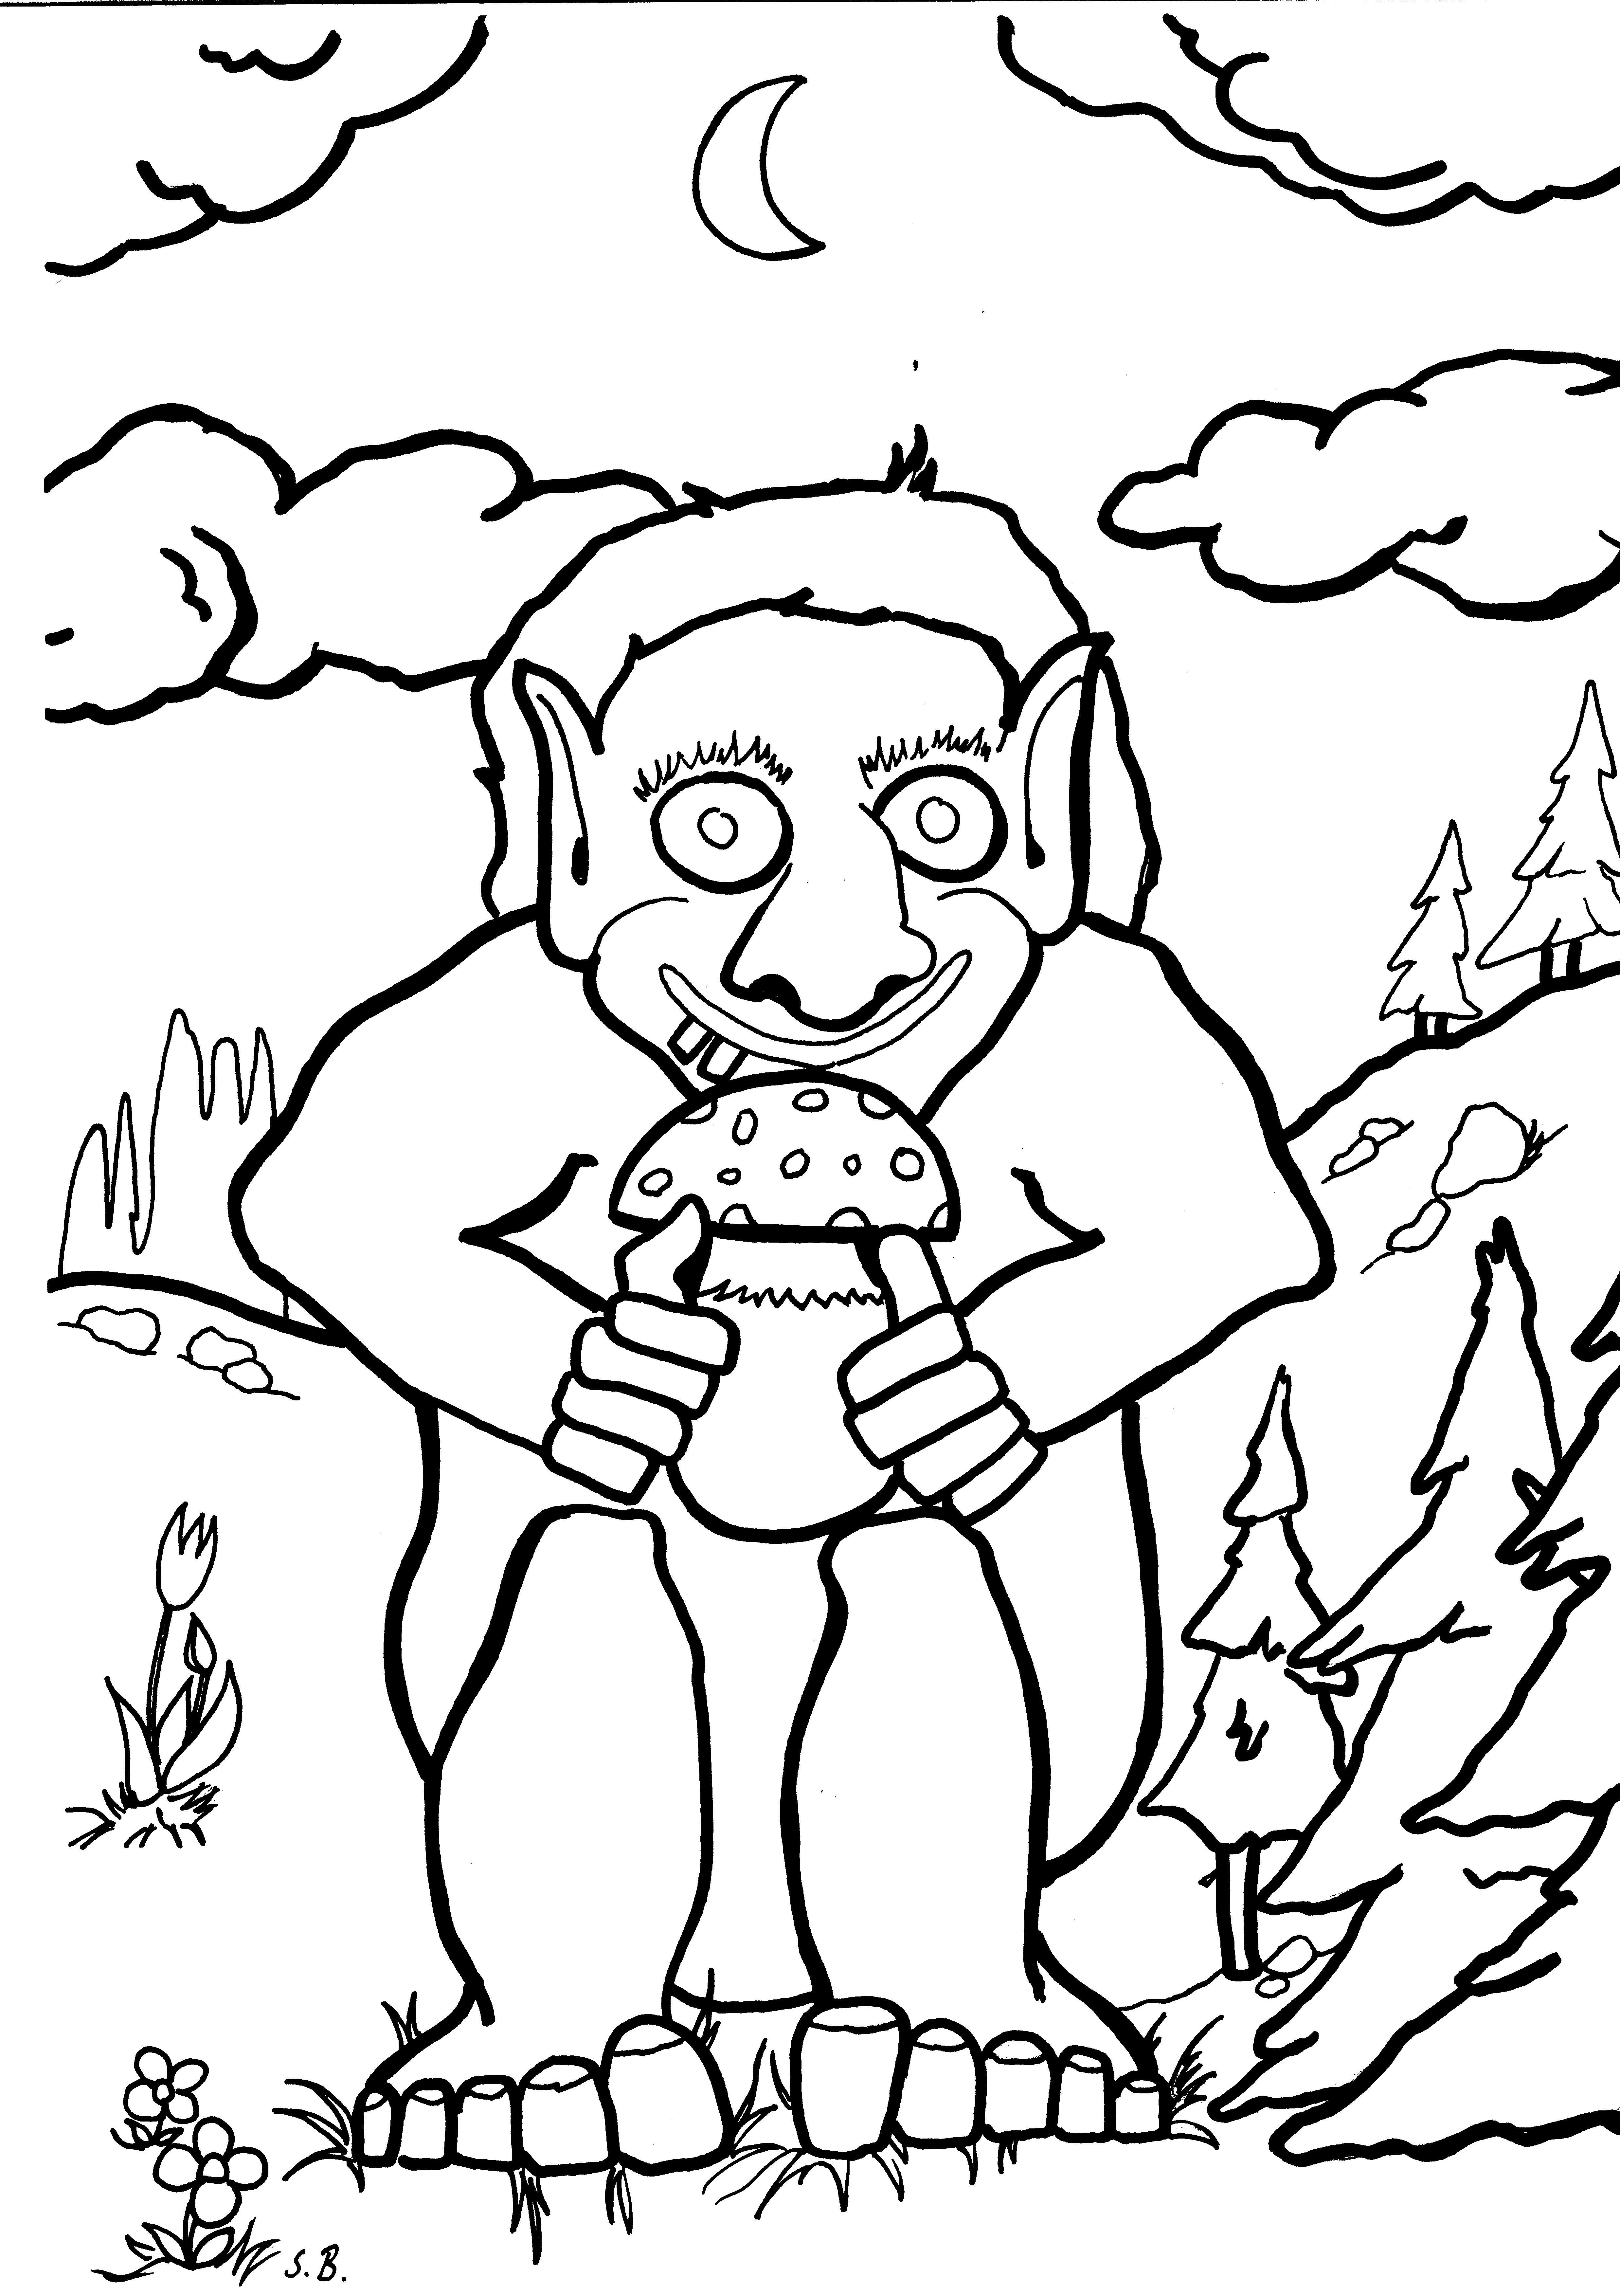 Anna Und Elsa Ausmalbilder Kostenlos Zum Ausdrucken : Ausmalbilder Trolls Kostenlos 11 Malvorlage Trolls Ausmalbilder